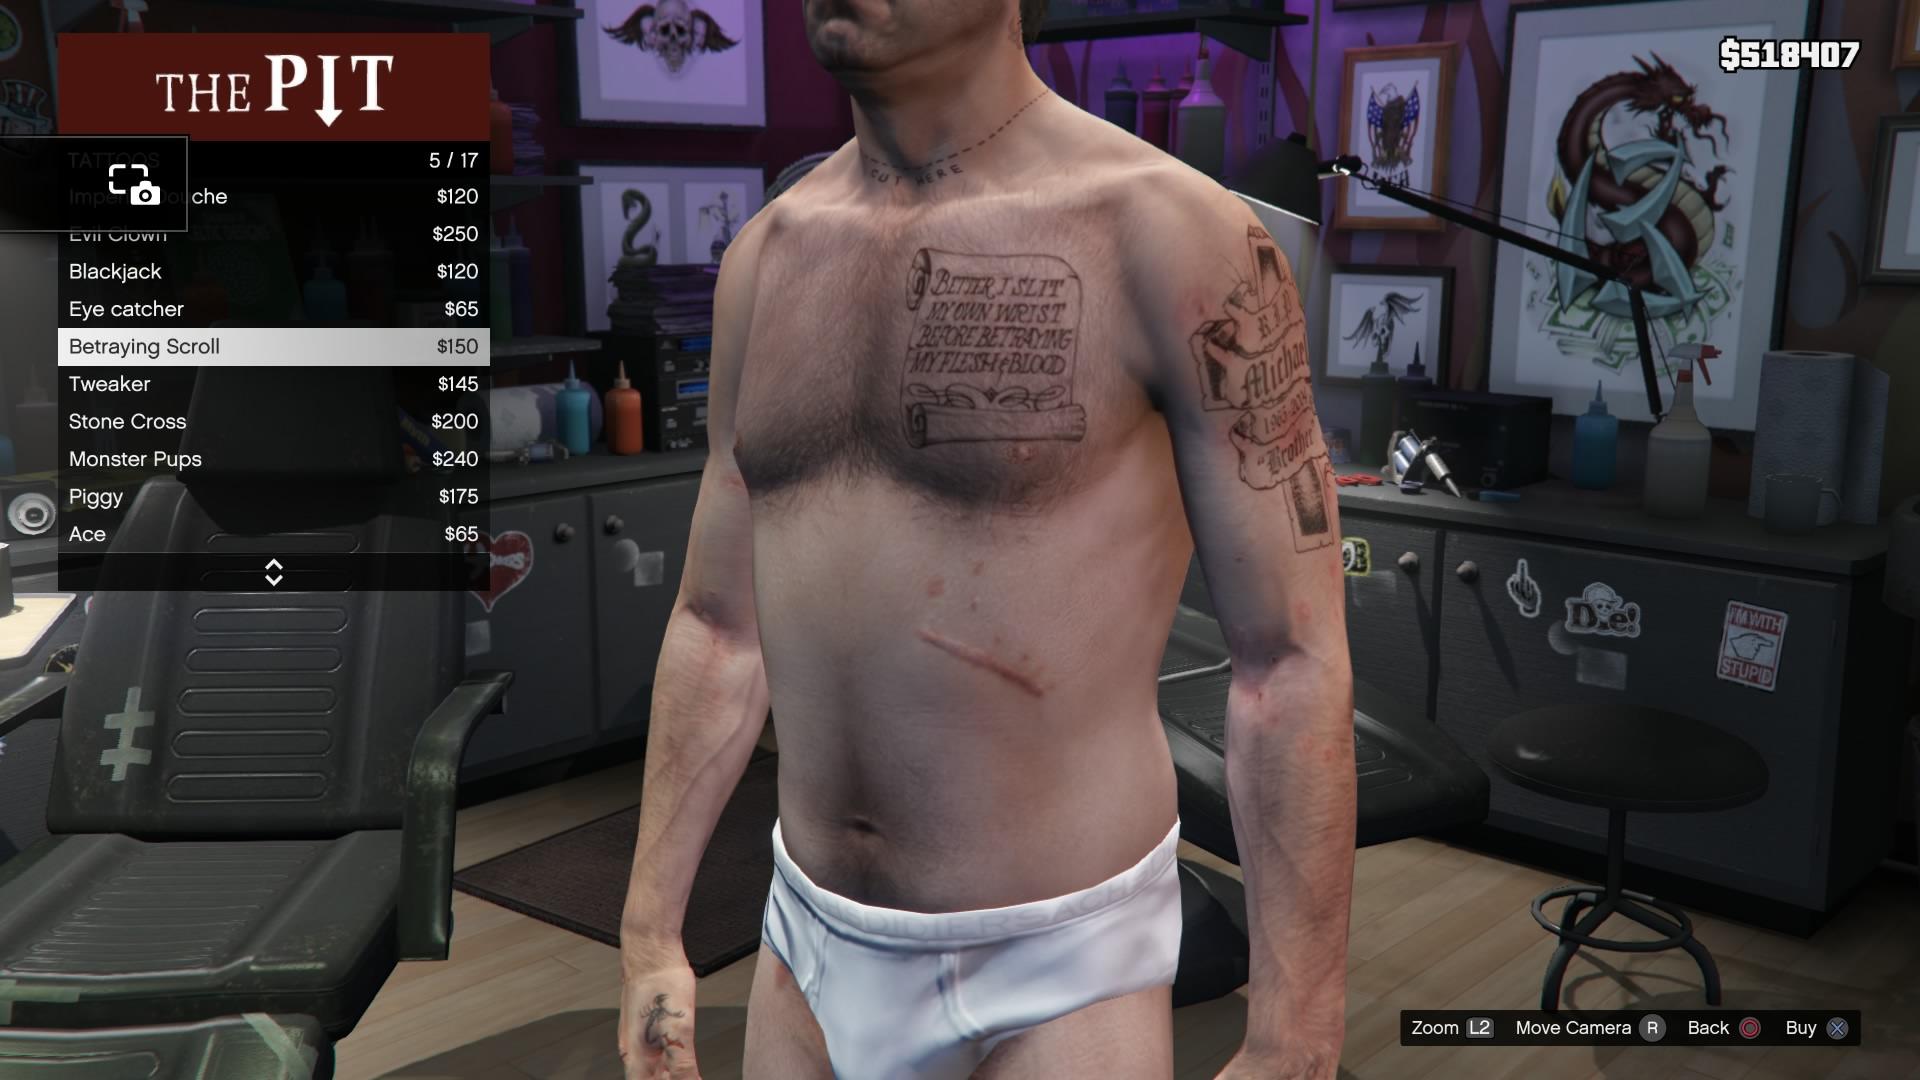 Trevor Gta V Porn